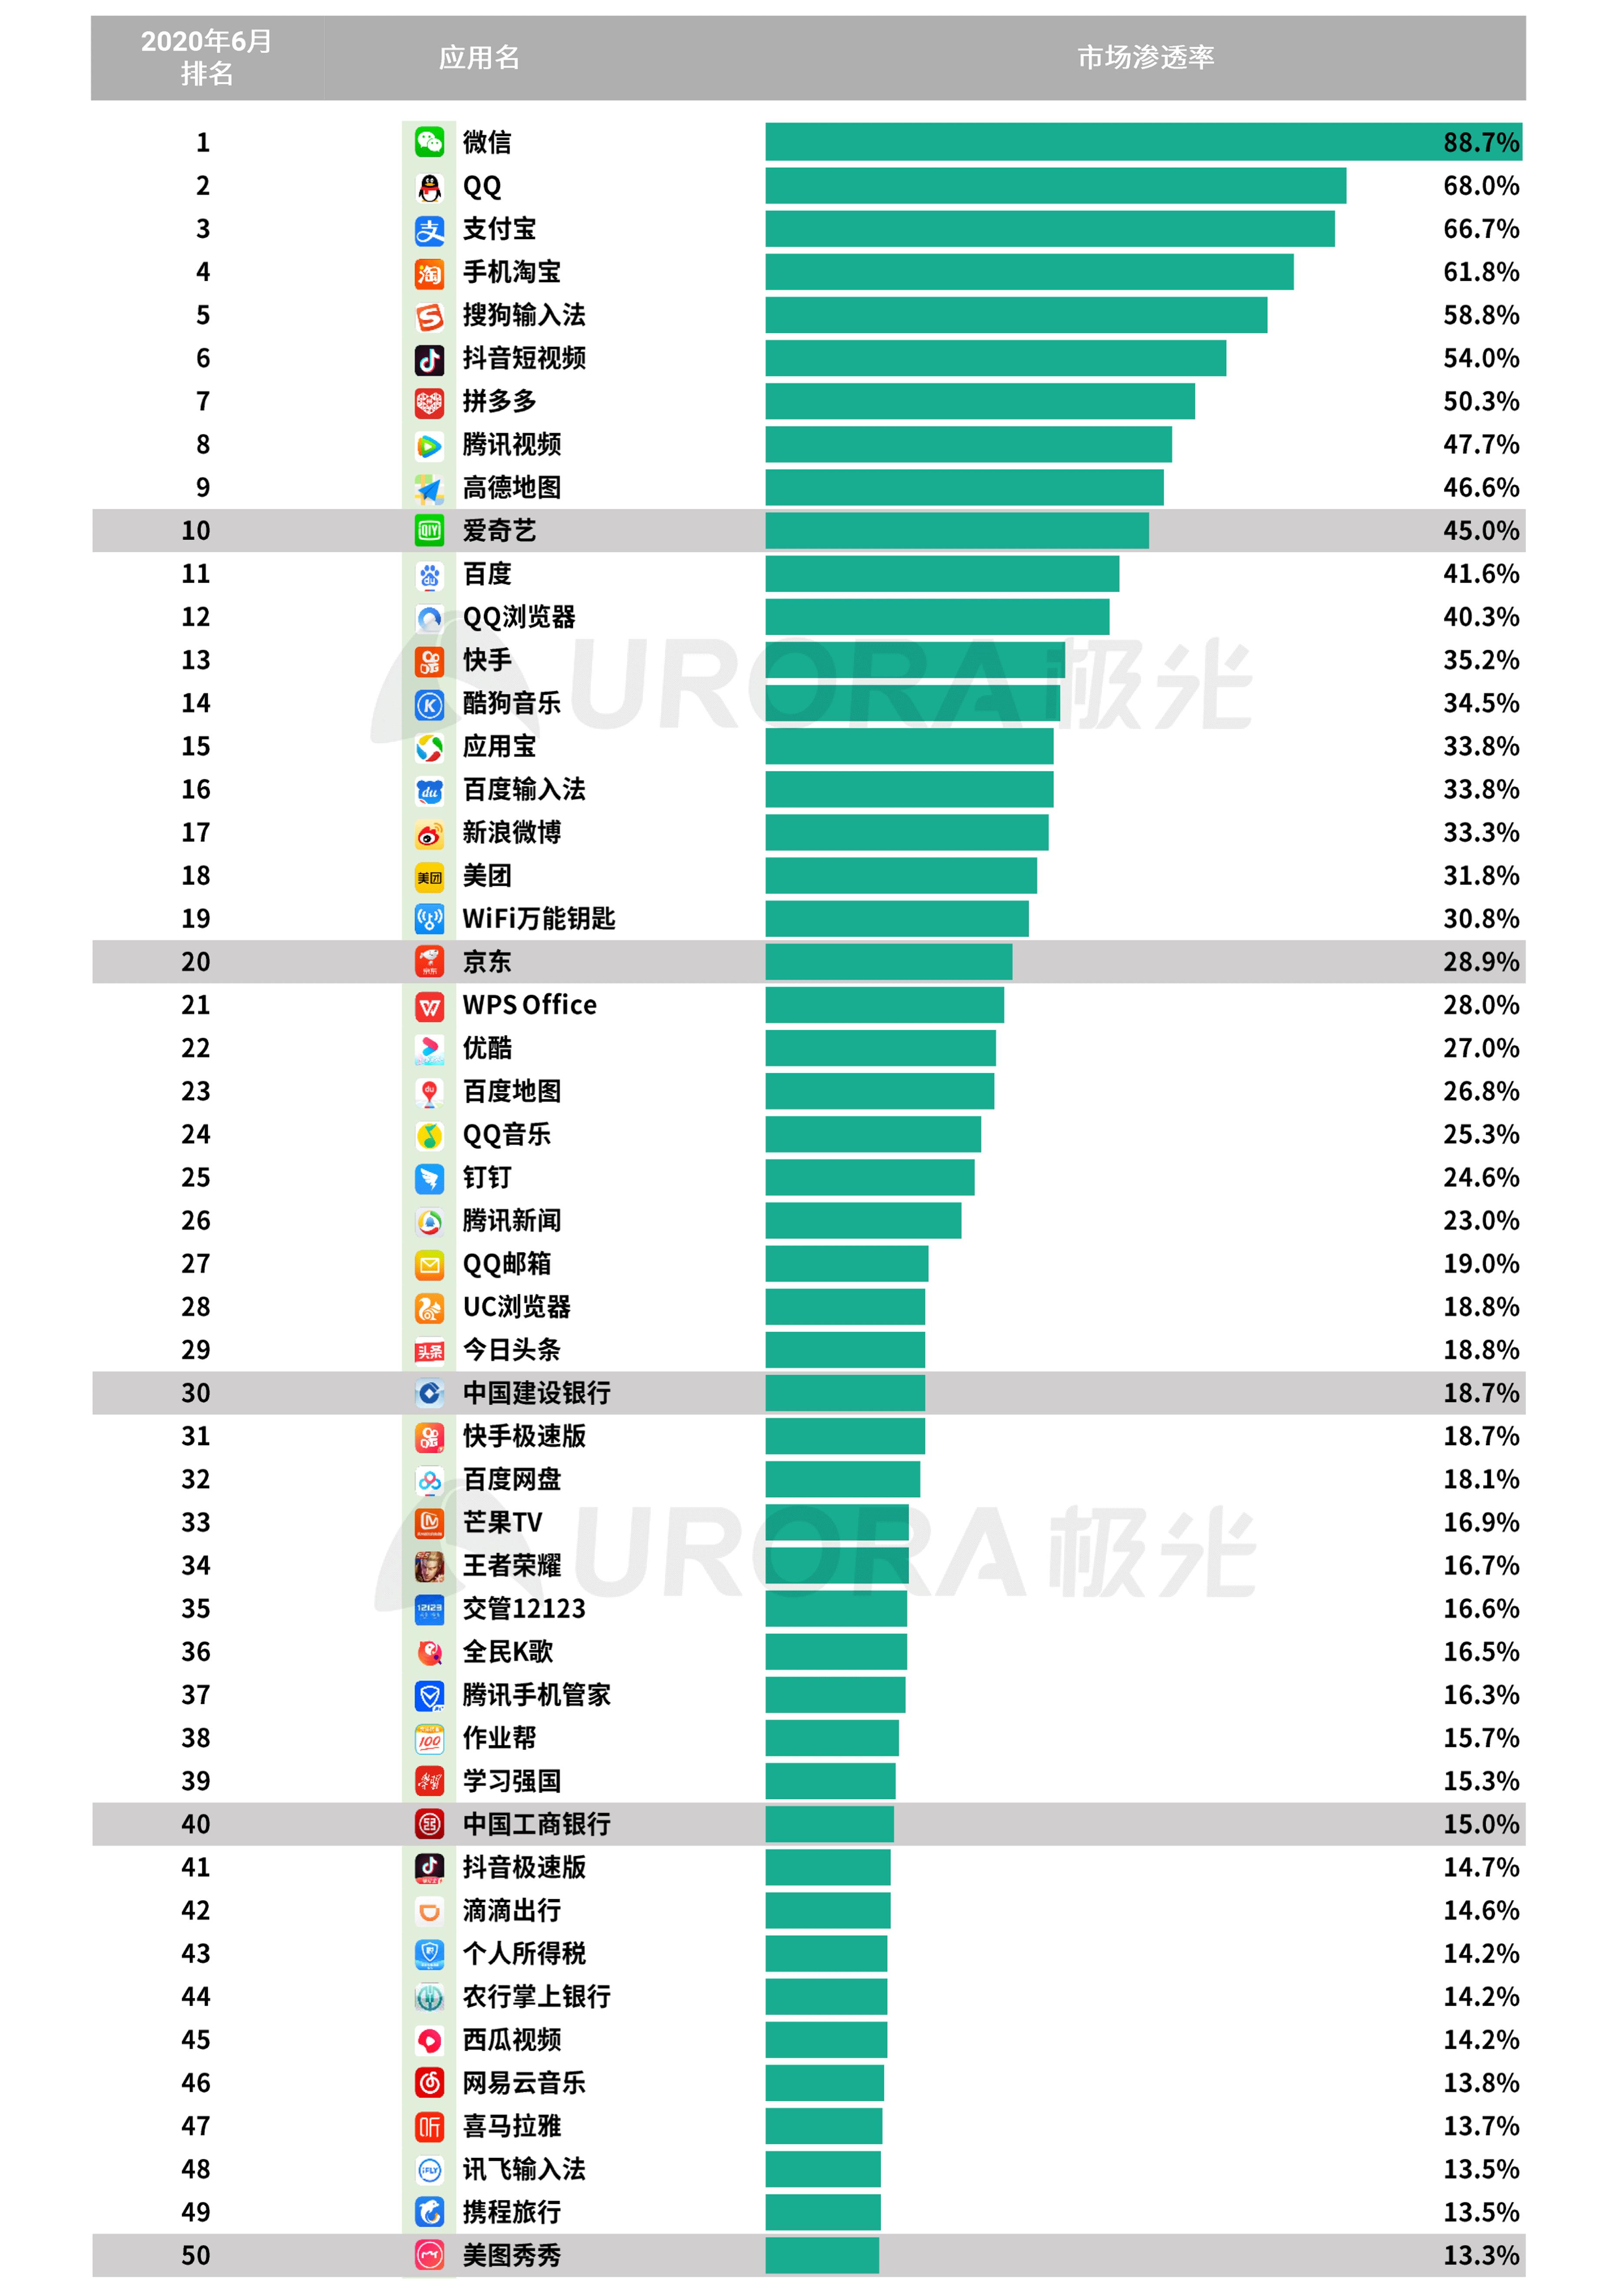 极光:2020Q2互联网行业数据研究报告 (39).png